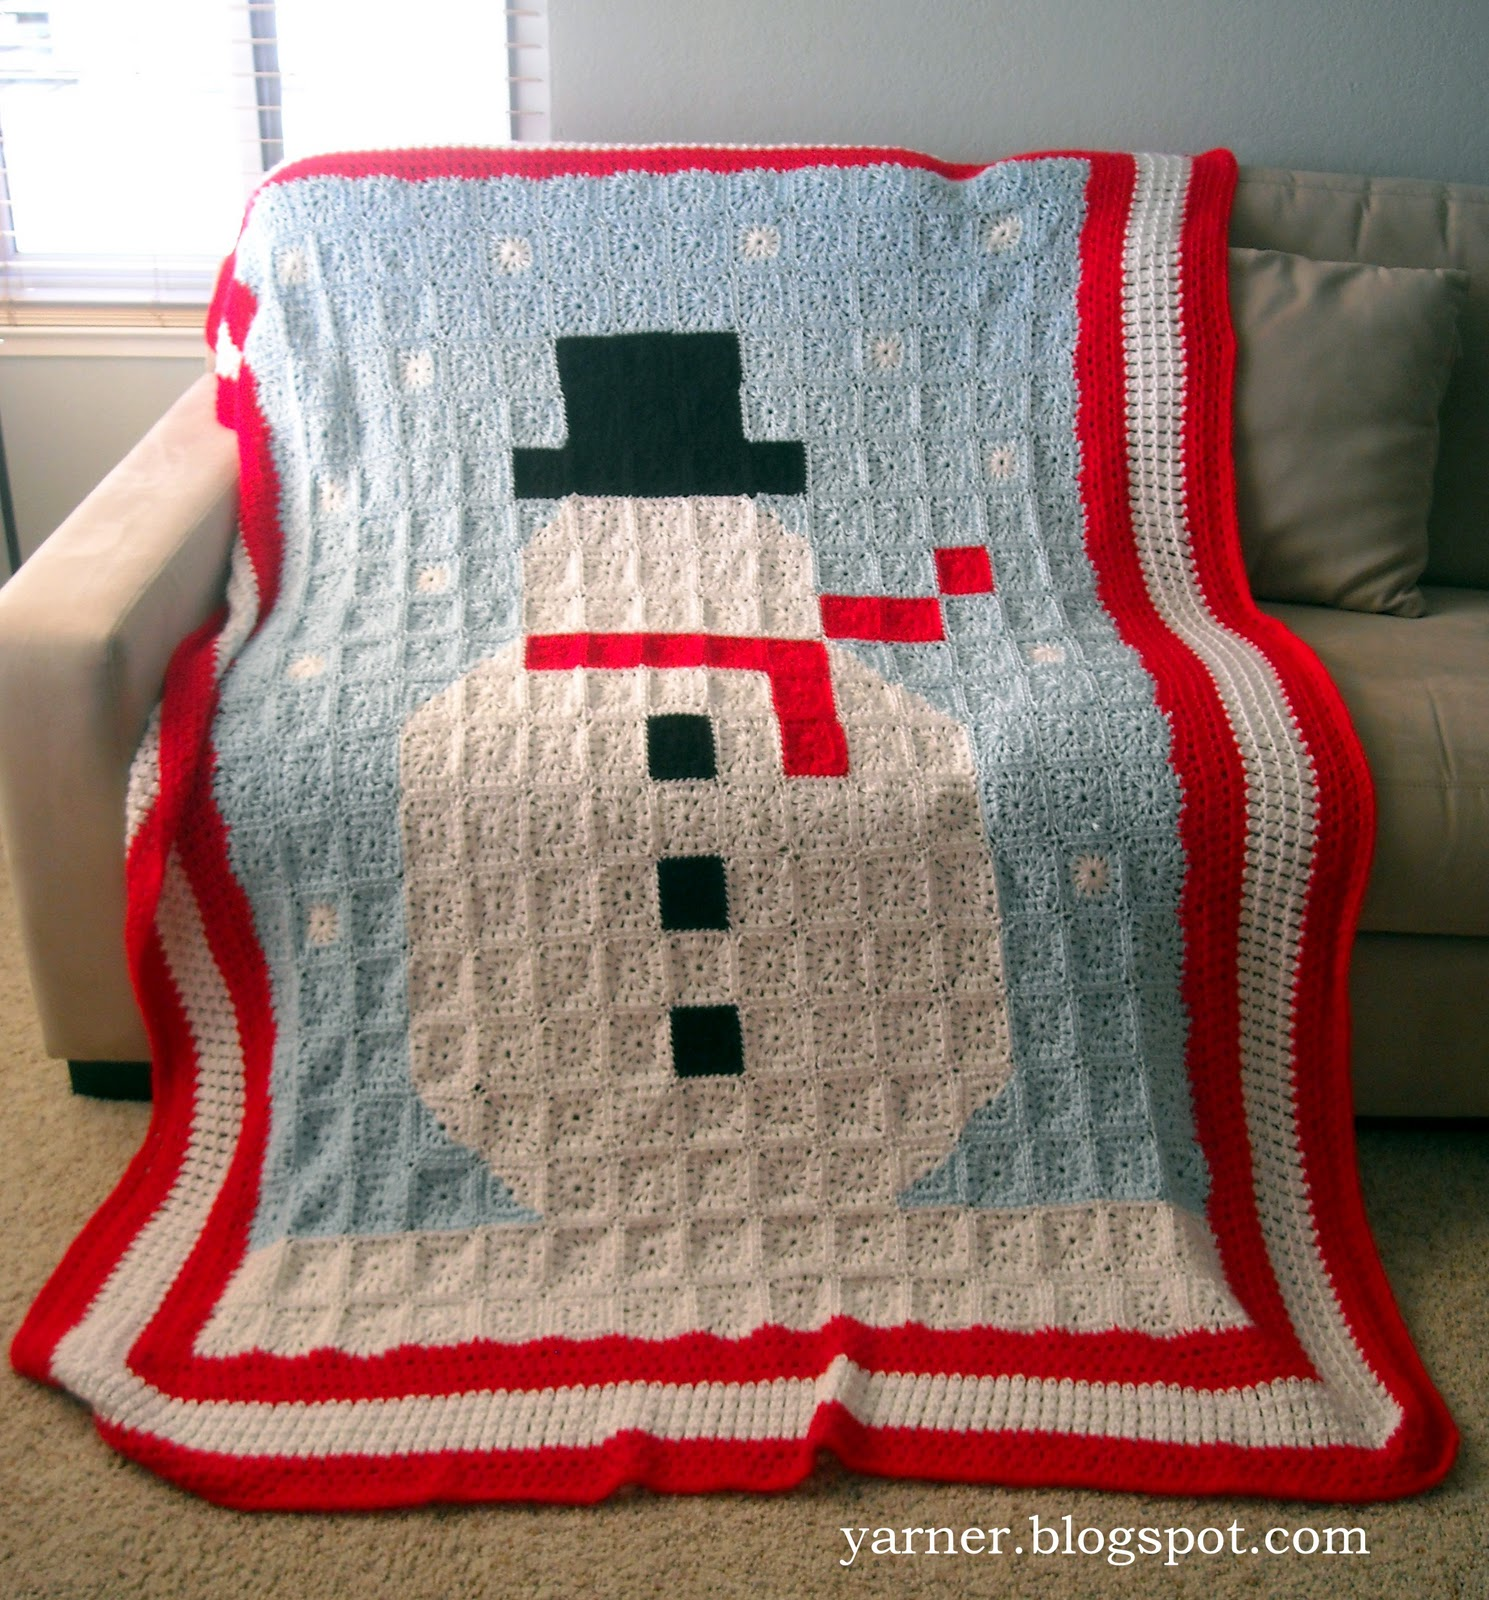 I'm a Yarner: Snowman Blanket